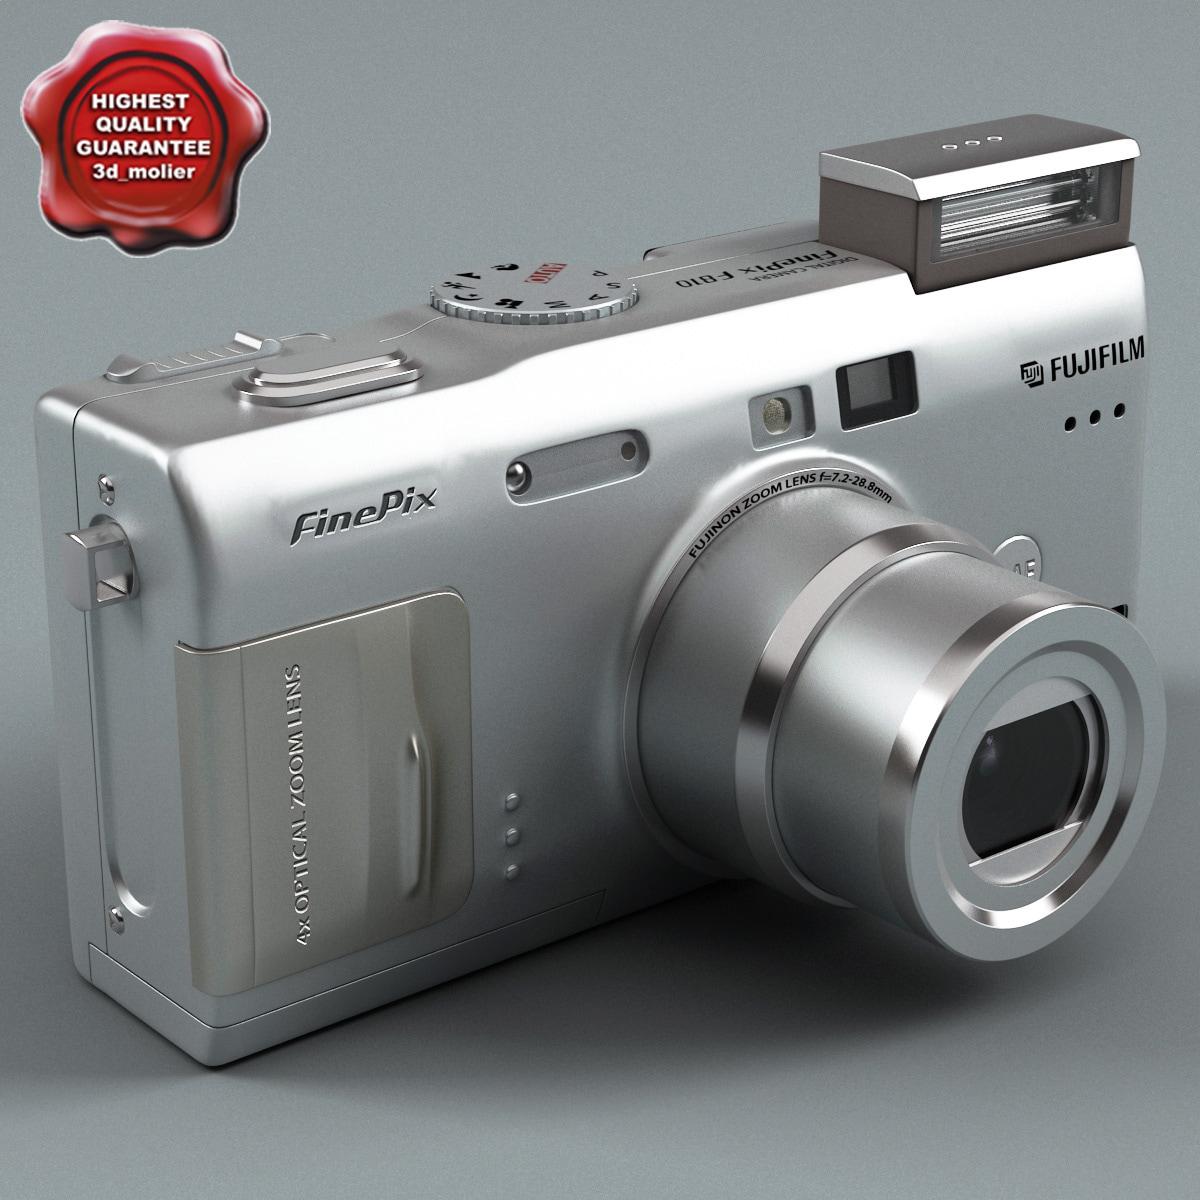 Fujifilm_FinePix_F810_00.jpg